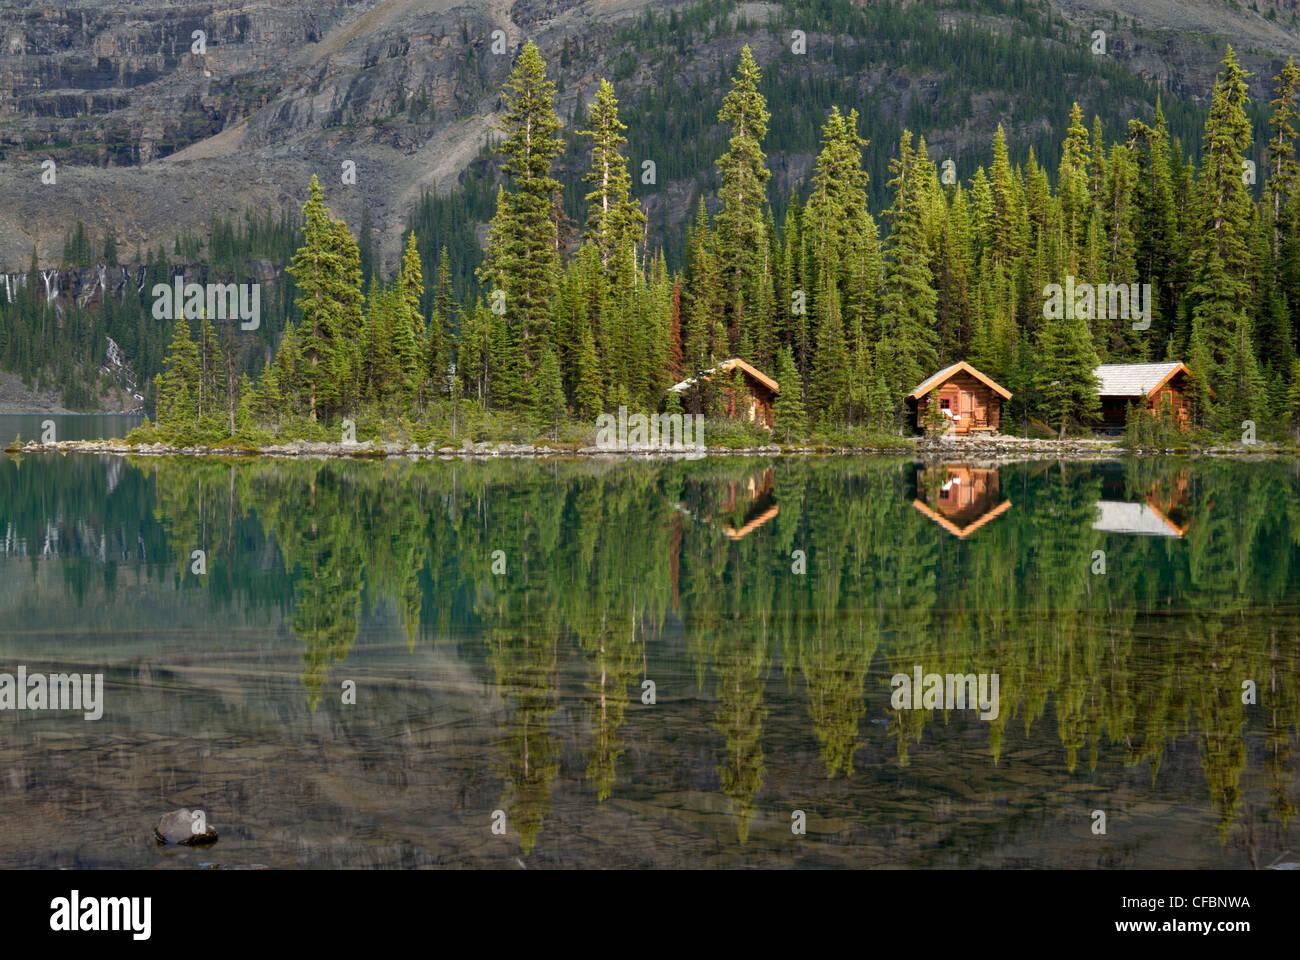 Cabañas en el lago O'Hara Lodge, Lago O'Hara, el Parque Nacional Yoho, British Columbia, Canadá Foto de stock